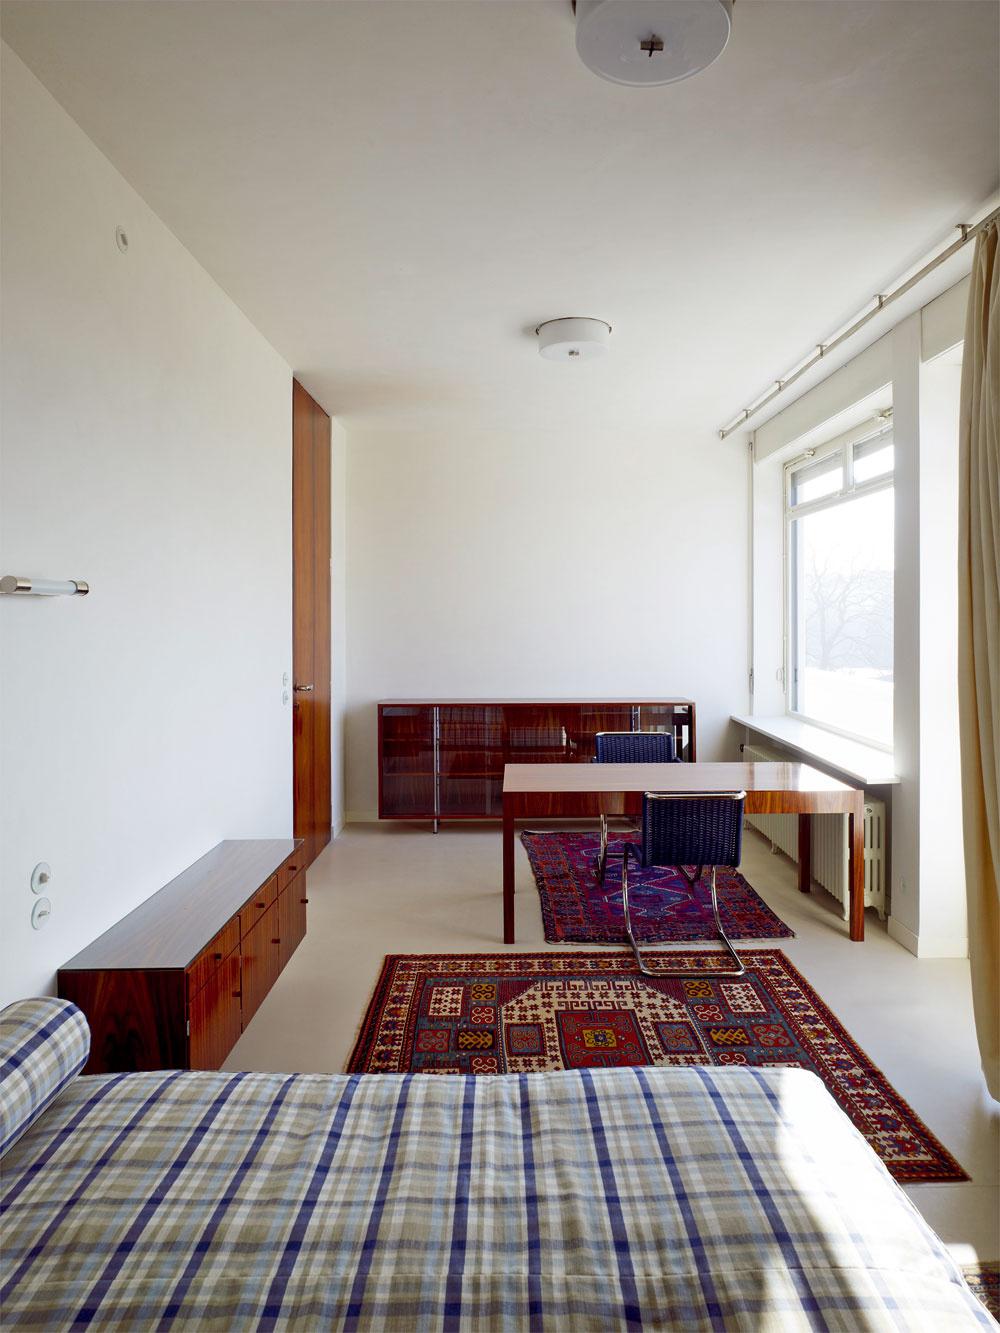 Túto izbu obýval Fritz Tugendhat. Za zmienku stoja, okrem iného, napríklad veľkoformátové dvere, až na výnimky vtechnických priestoroch dôsledne navrhnuté na plnú výšku miestností. Napriek svojim rozmerom sa ovládajú prekvapivo ľahko ajednoducho.